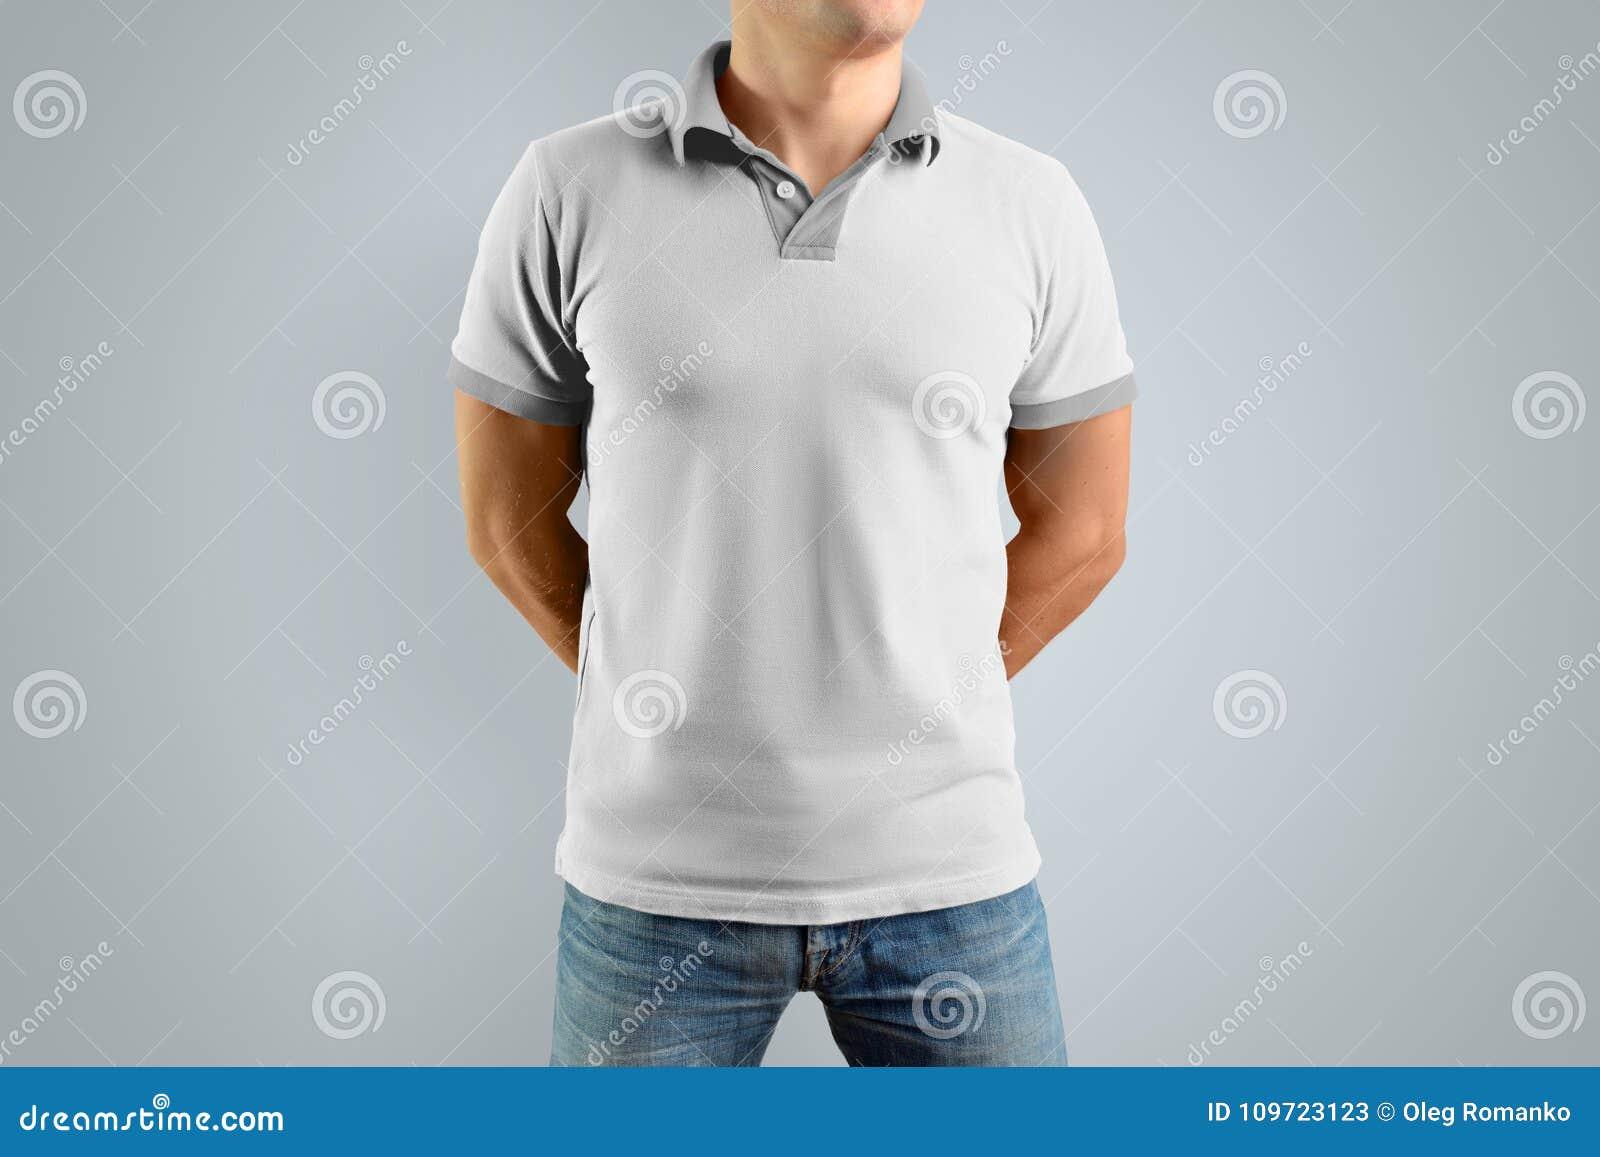 Slank man i den vita poloskjortan Modell för din grafiska design